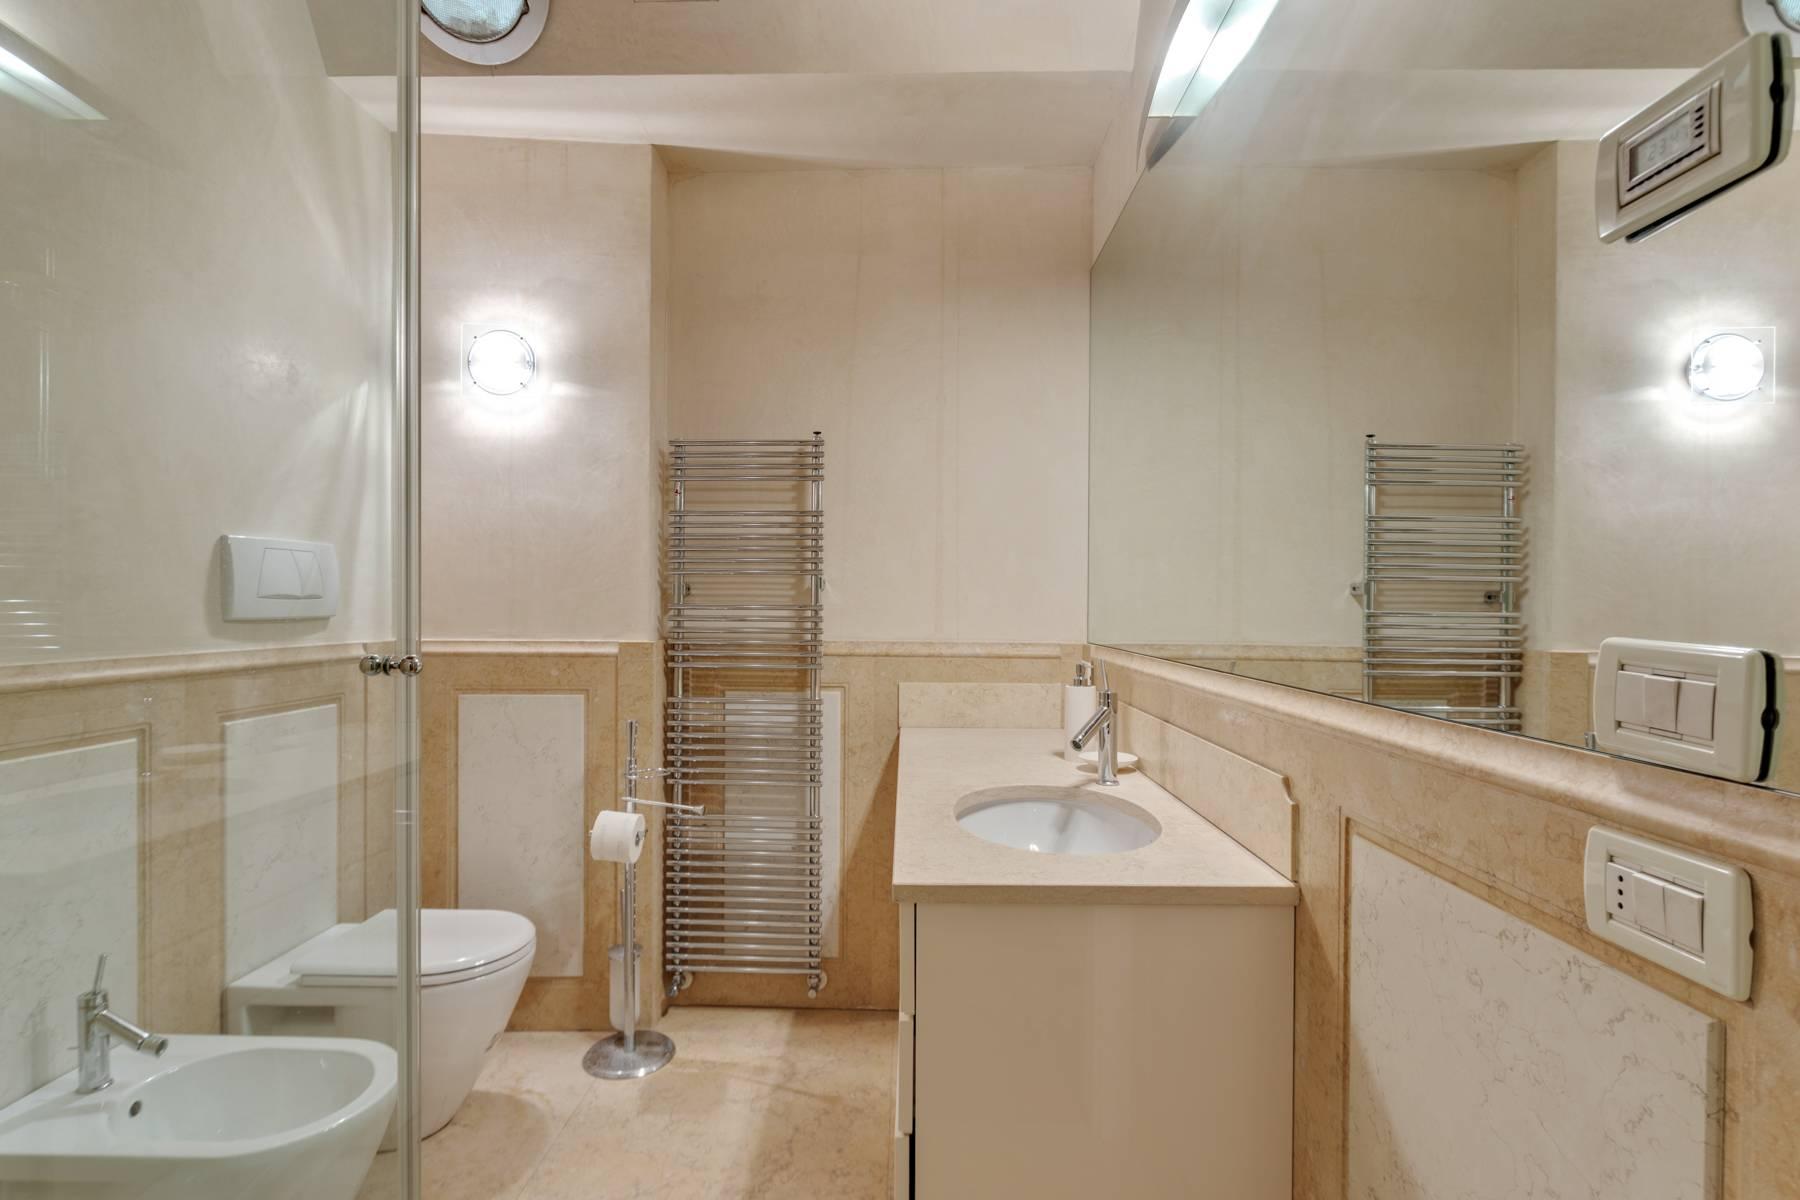 Appartamento in Vendita a Verona: 3 locali, 55 mq - Foto 10